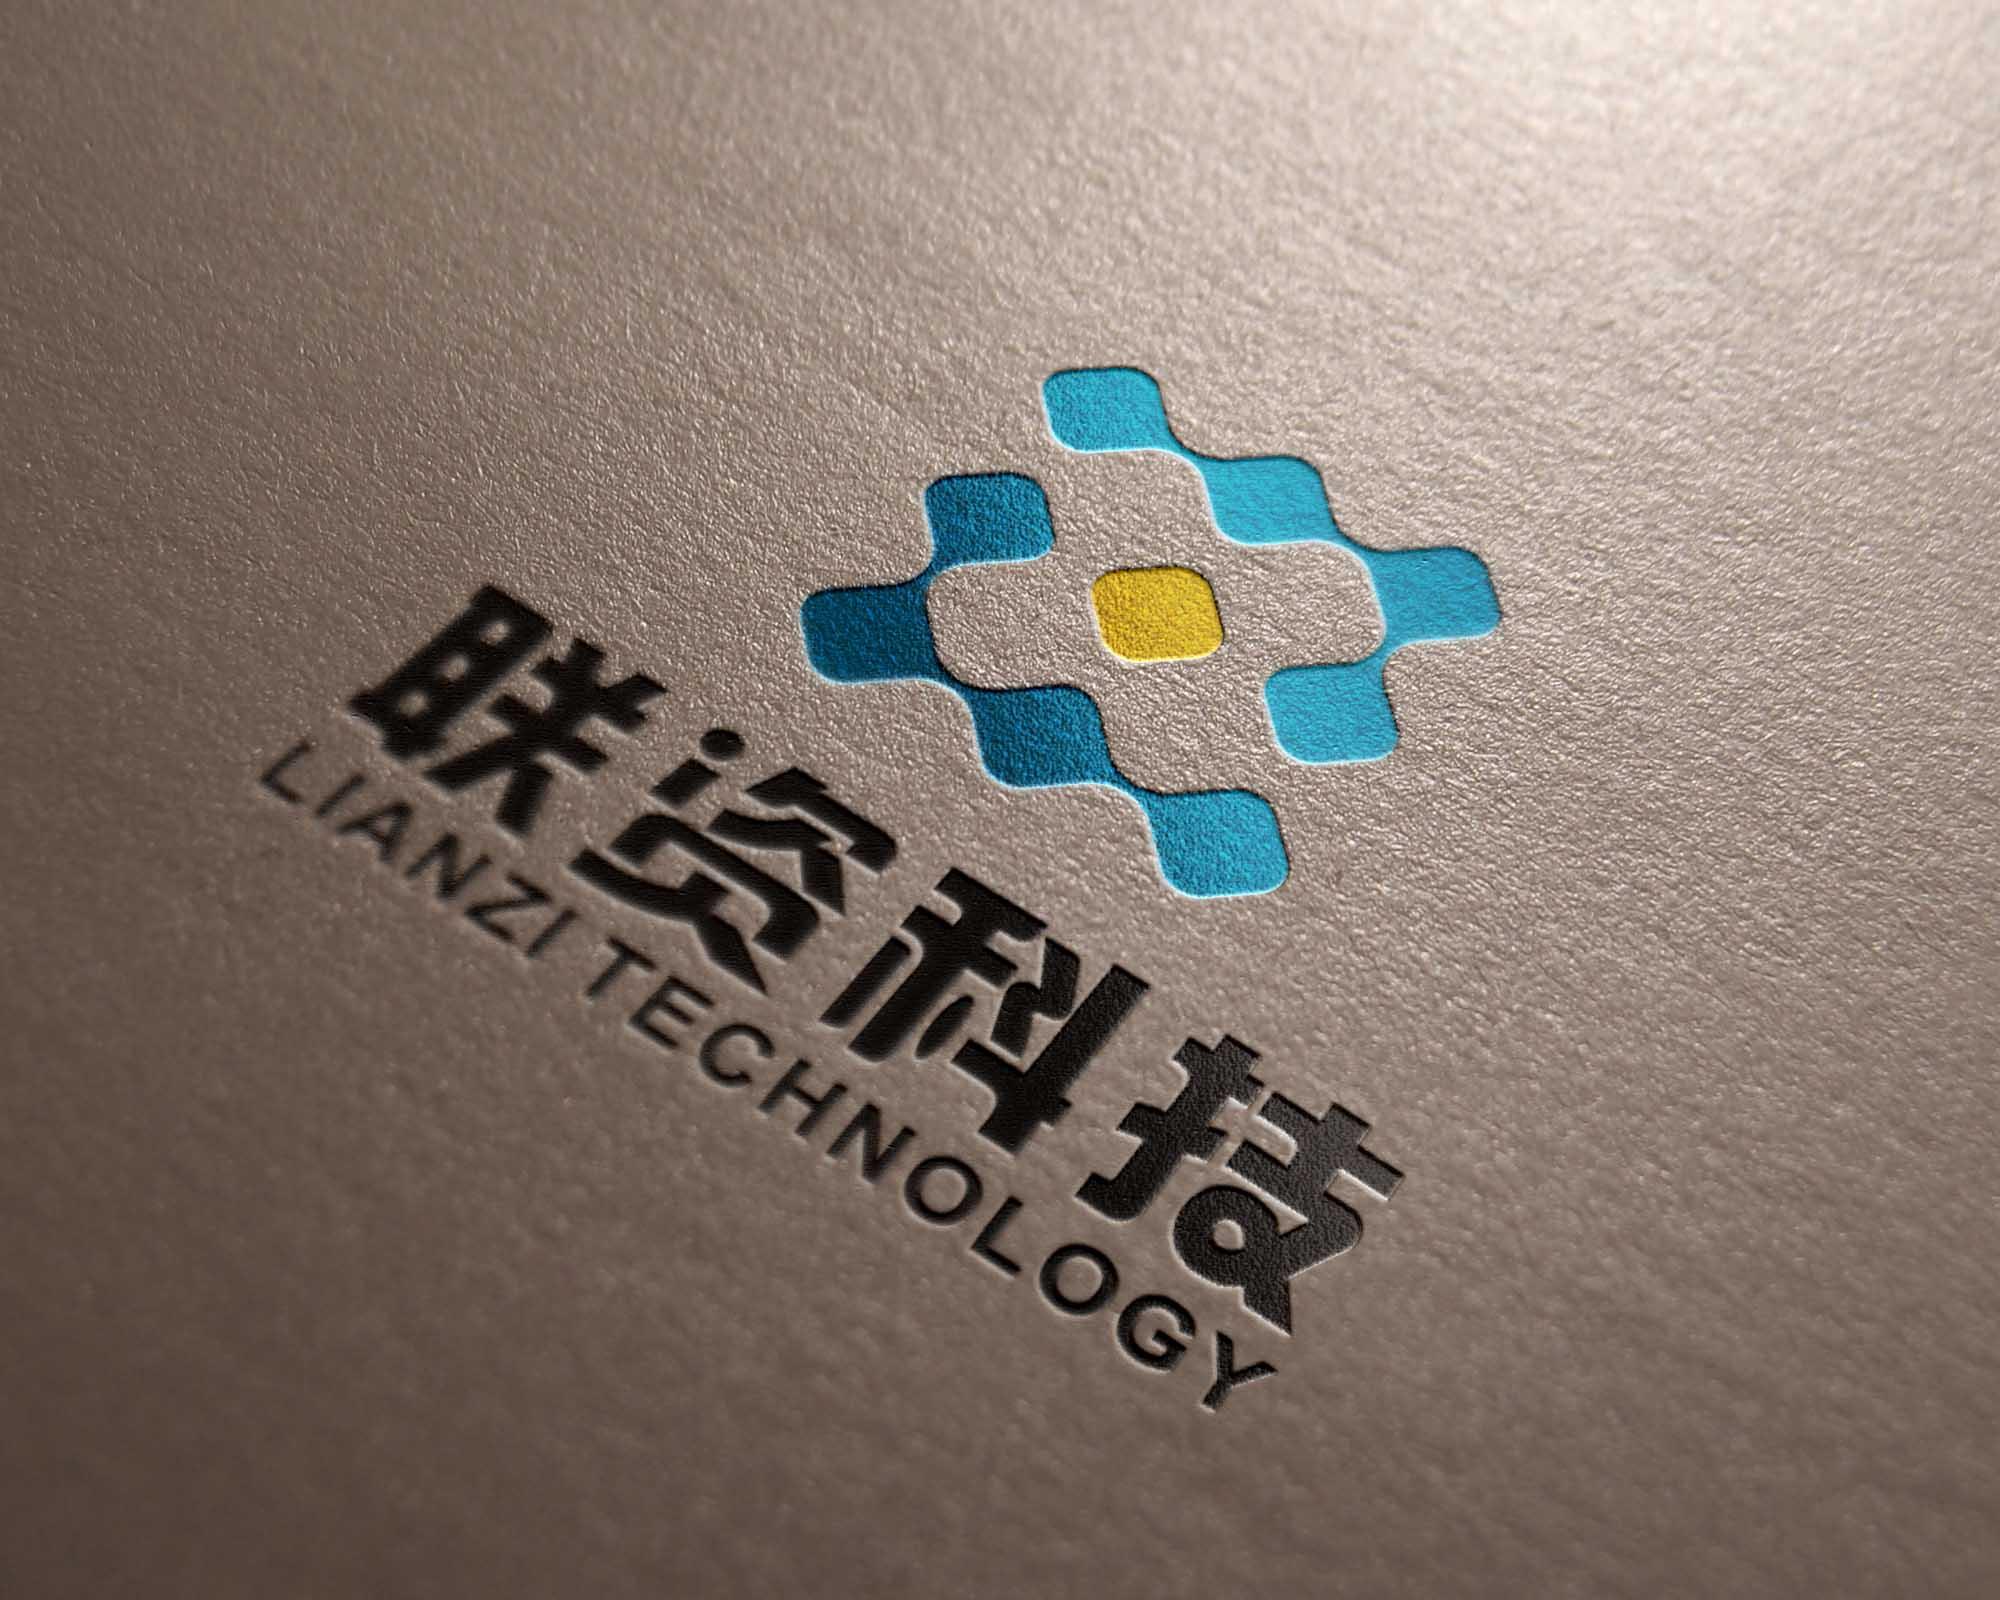 石化行业公司Logo设计_2963482_k68威客网